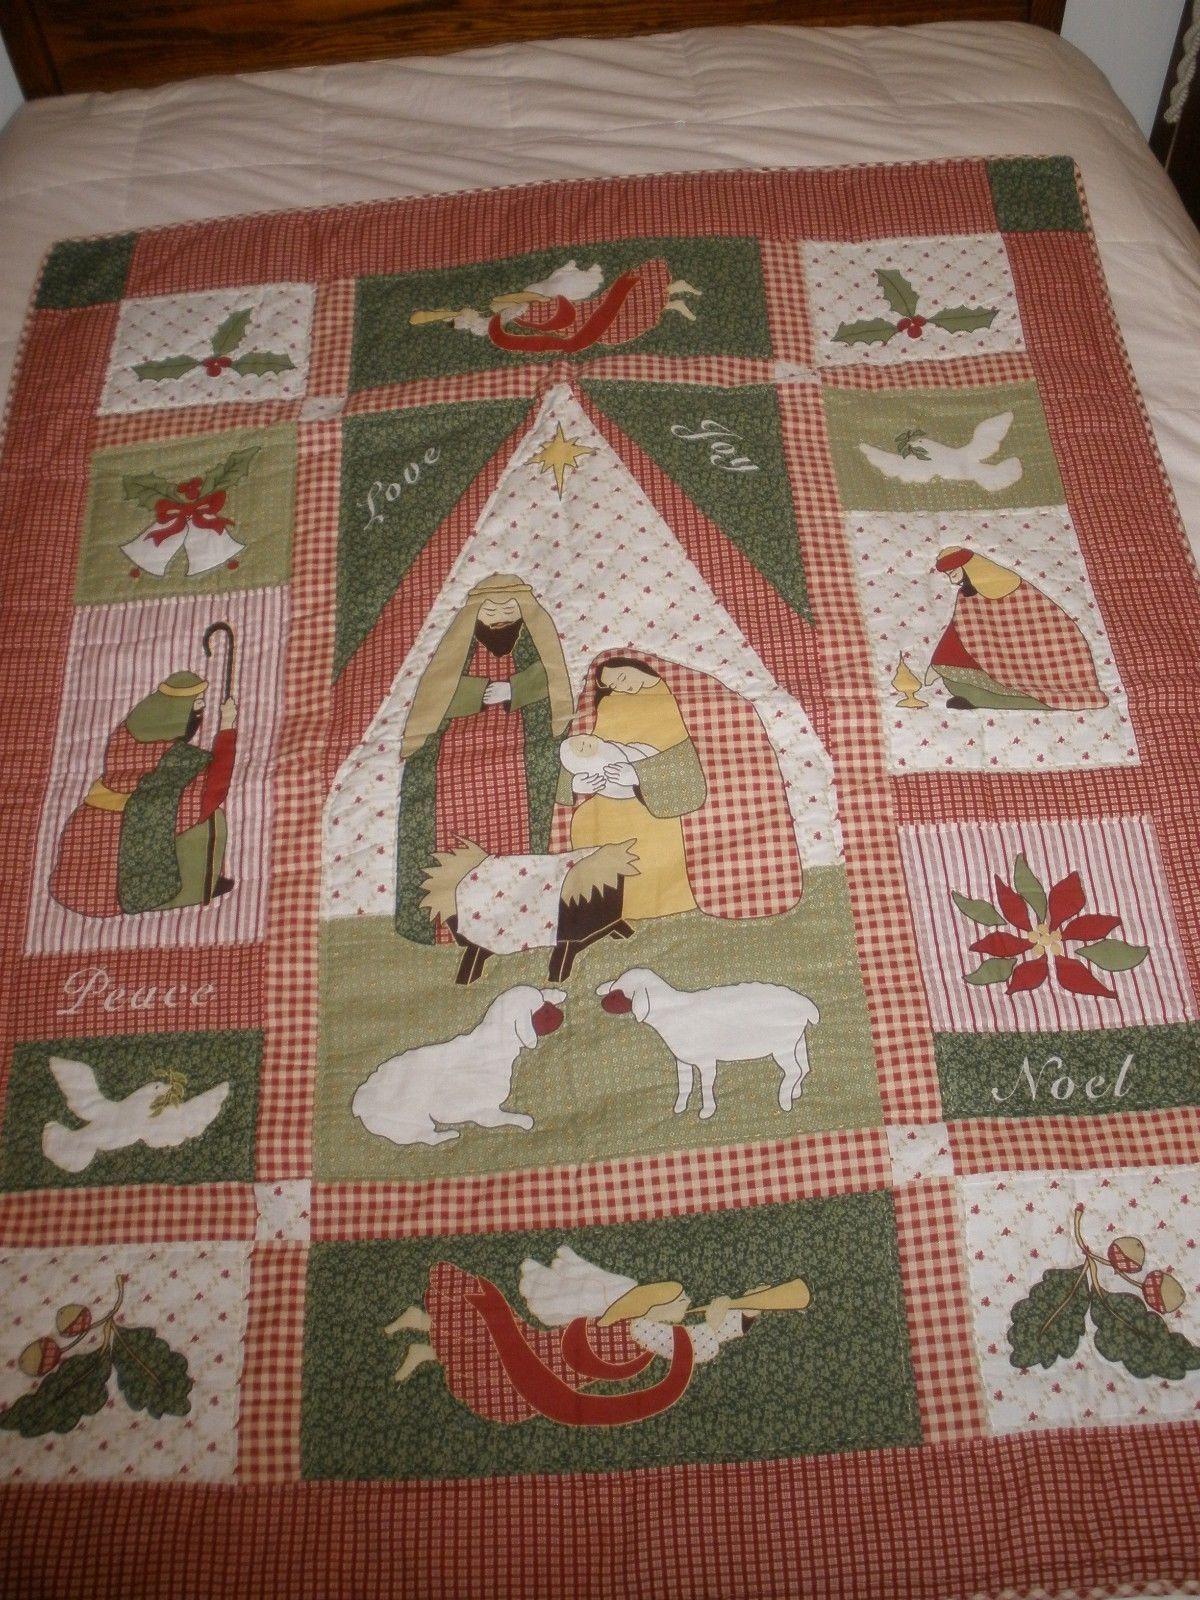 Nativity scene christmas christmas quilt-wall hanging-wonderful ... : christmas quilt wall hanging - Adamdwight.com